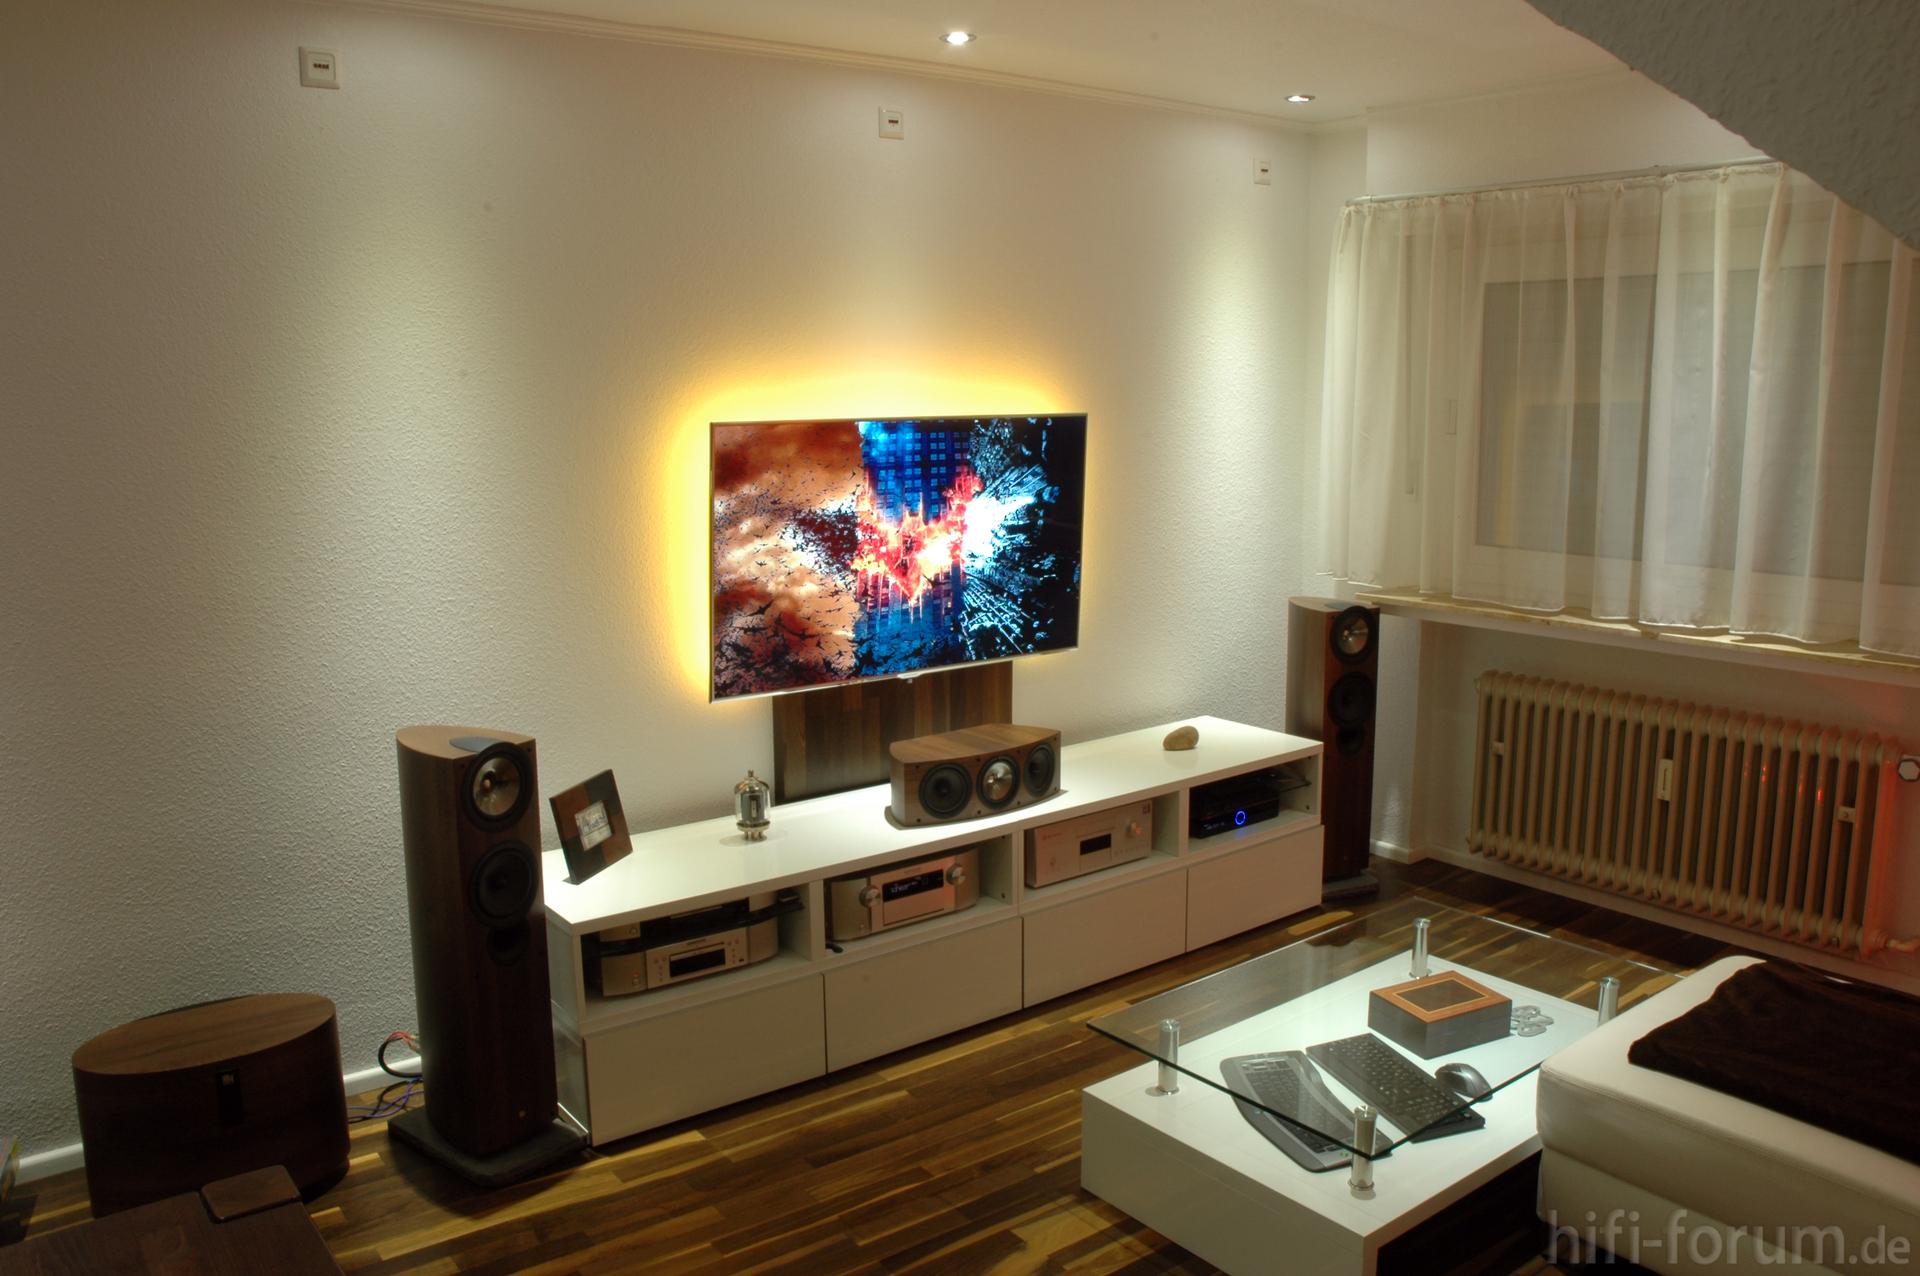 Mein wohnzimmer heimkino kef marantz samsung for Wohnzimmer 5 1